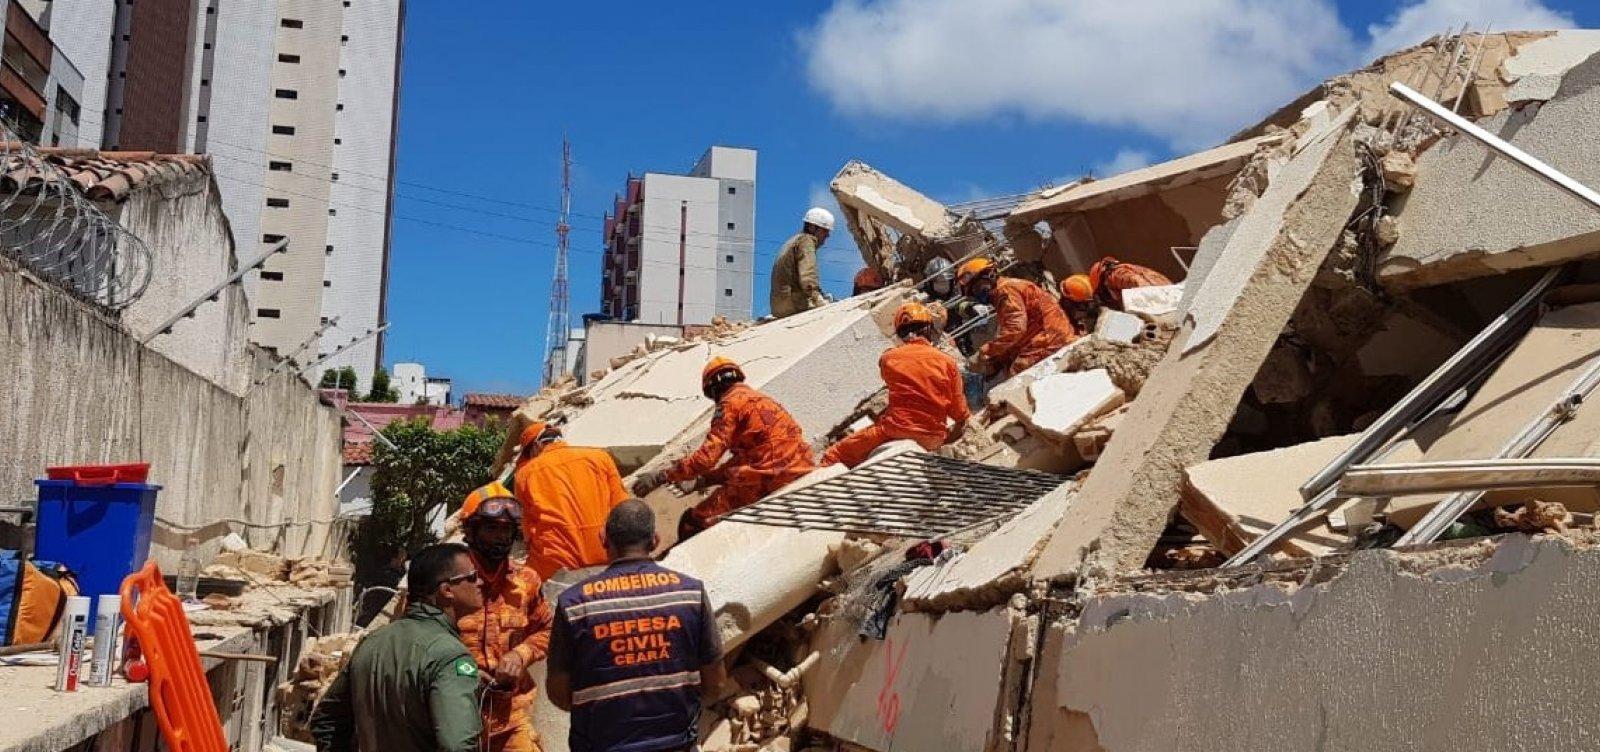 Aumenta para 2 nº de mortos em desabamento de edifício em Fortaleza